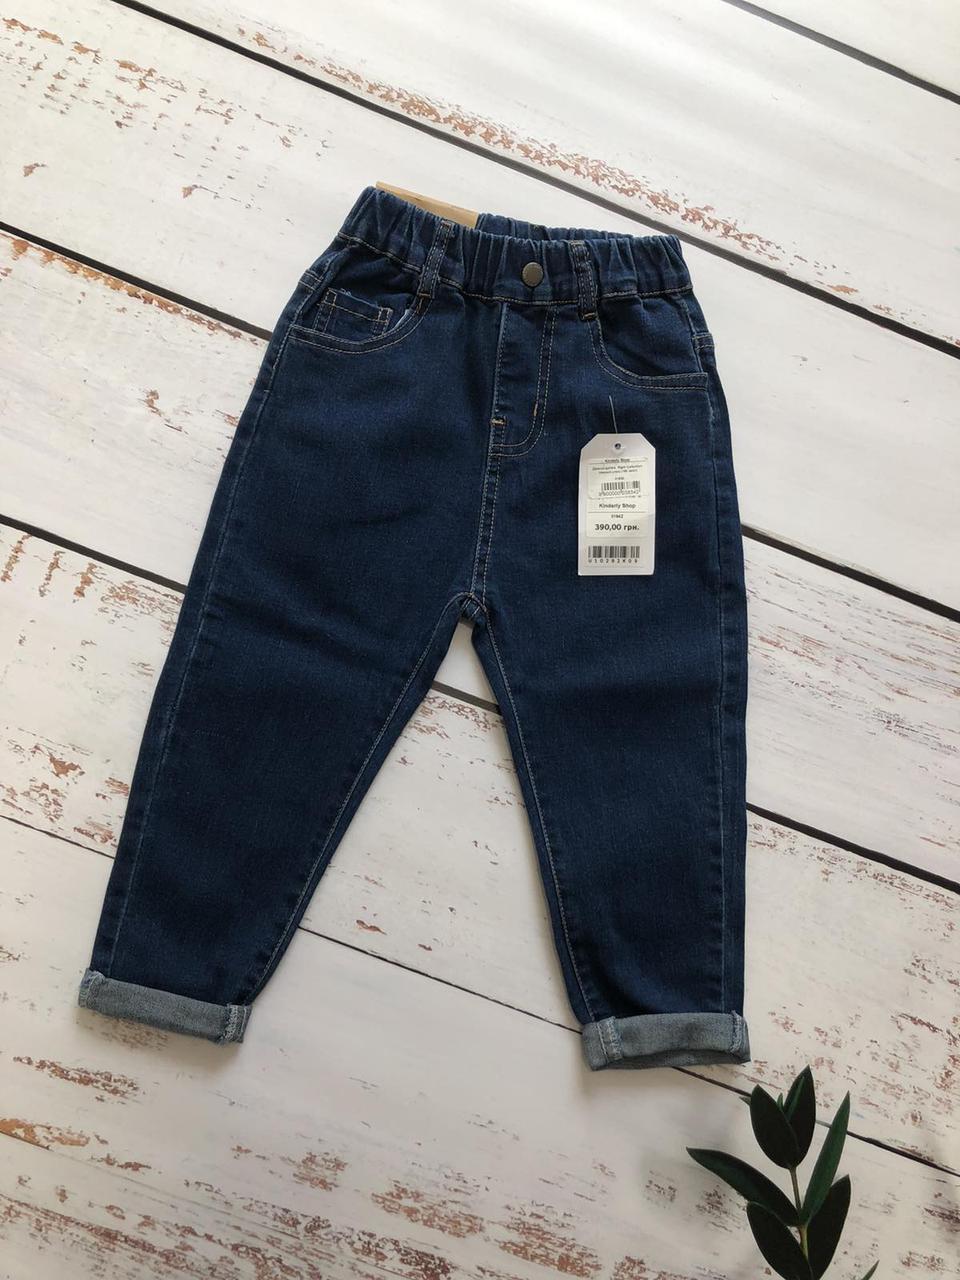 Джинсы детские Right Collection (темно-синий) размеры ( на рост 90 см,100 см,110 см,120 см)